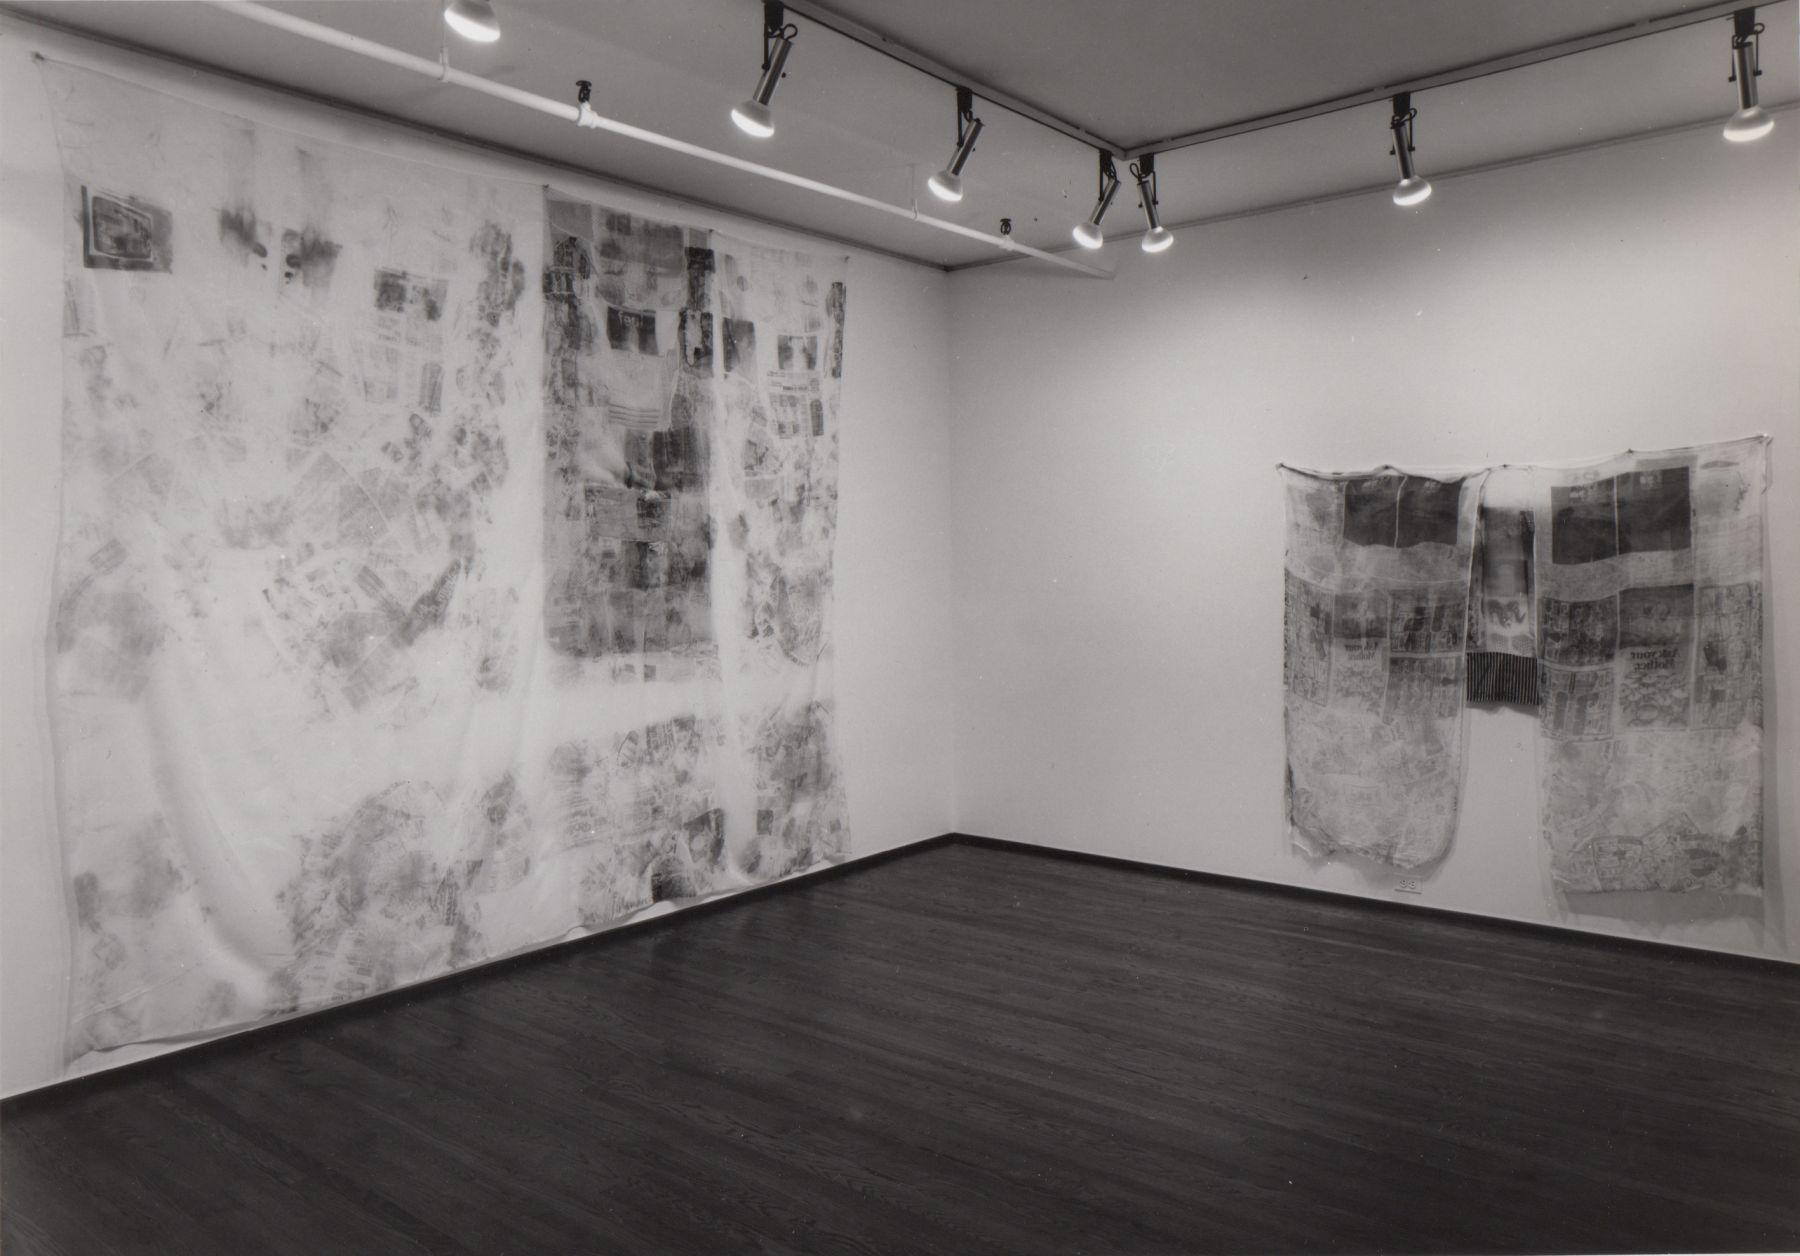 Installation view, Robert Rauschenberg: Hoarfrost Series, 420 WEST BROADWAY